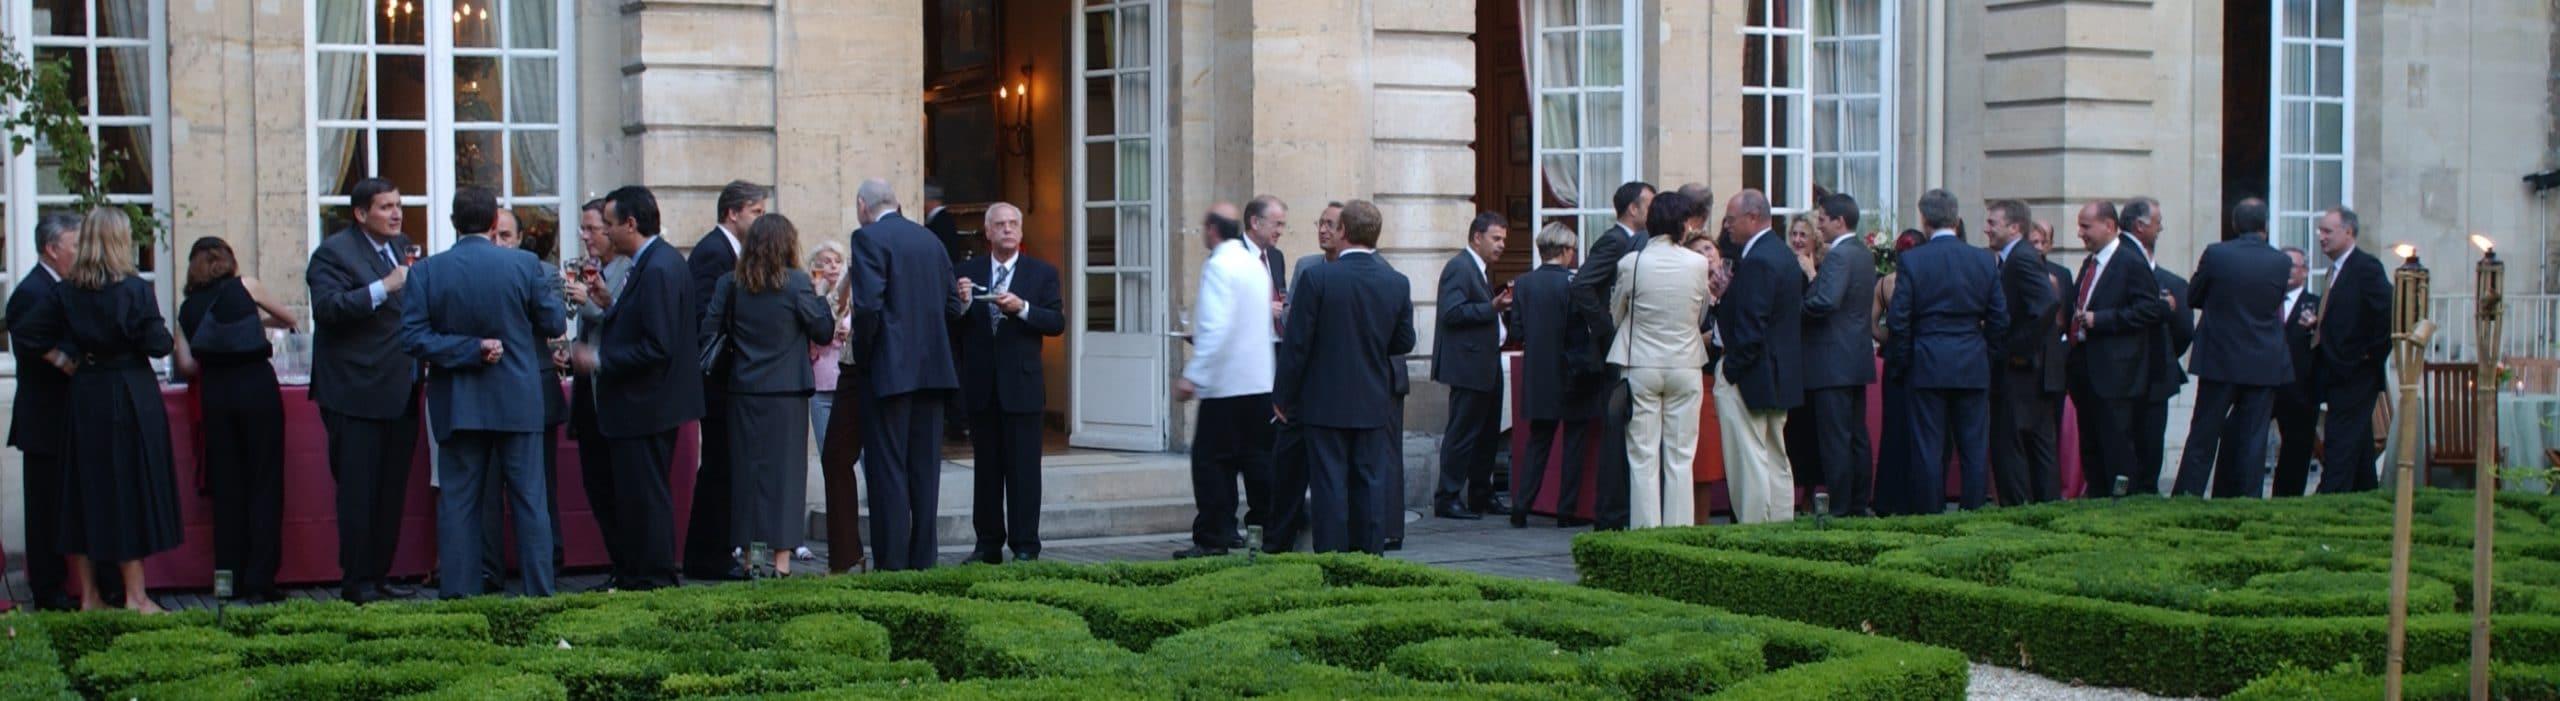 Réception d'été au Musée de la Chasse, Paris, un cocktail dînatoire est servi aux invités avec plusieurs cuvées de champagne à la dégustation